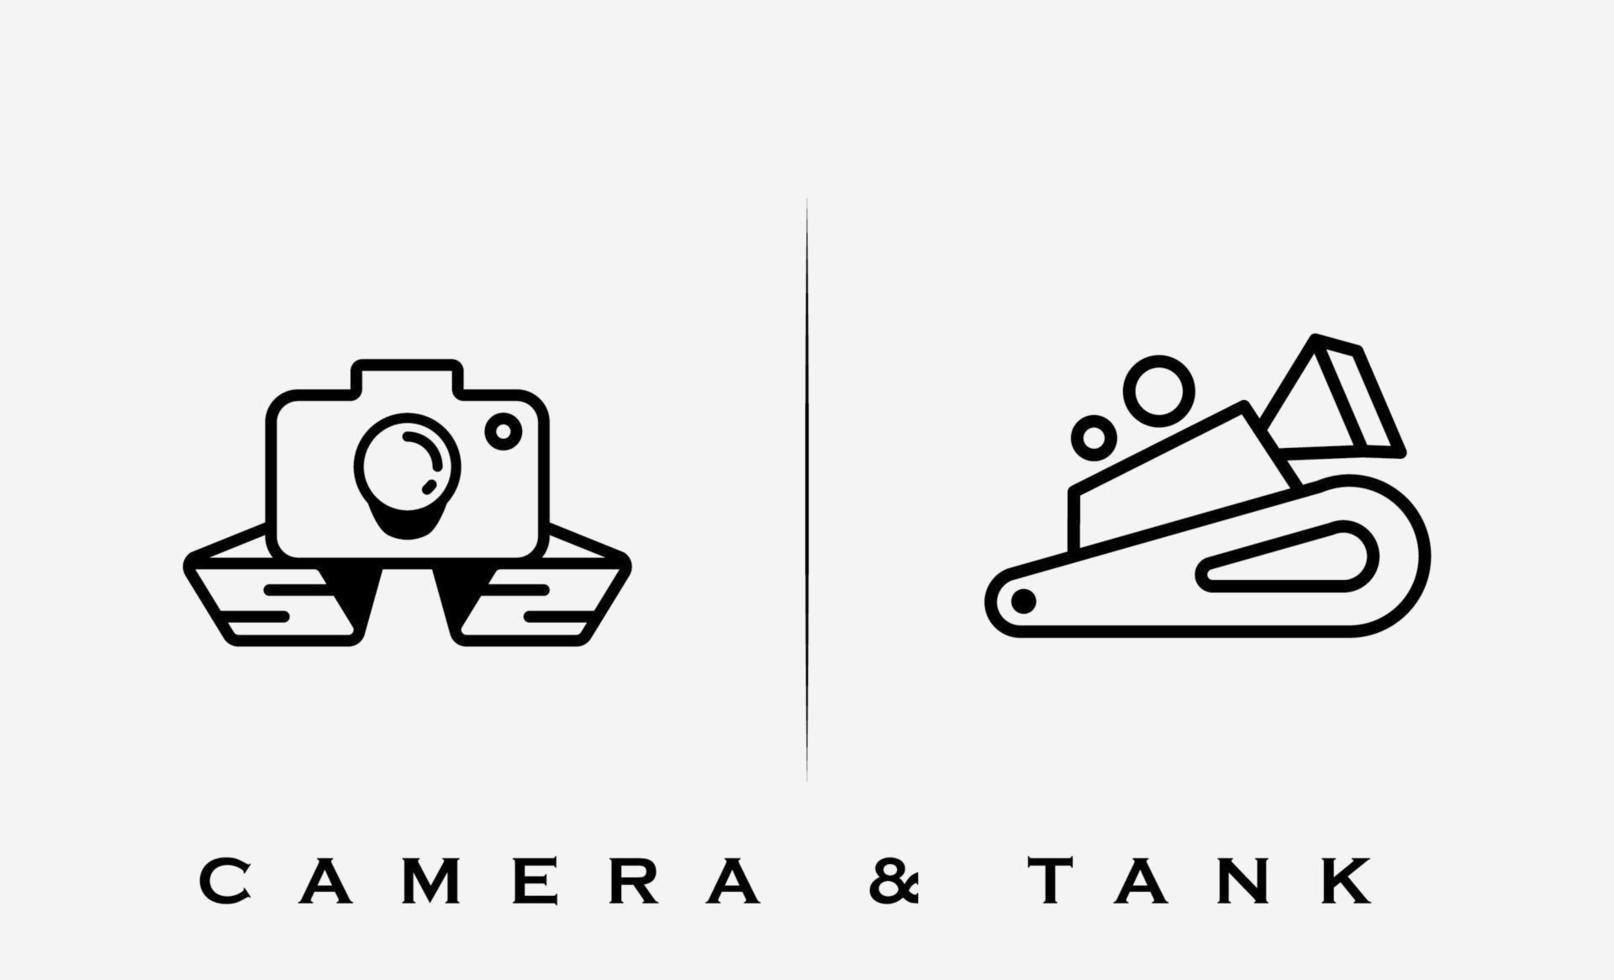 illustration vectorielle de caméra réservoir militaire logo design vecteur